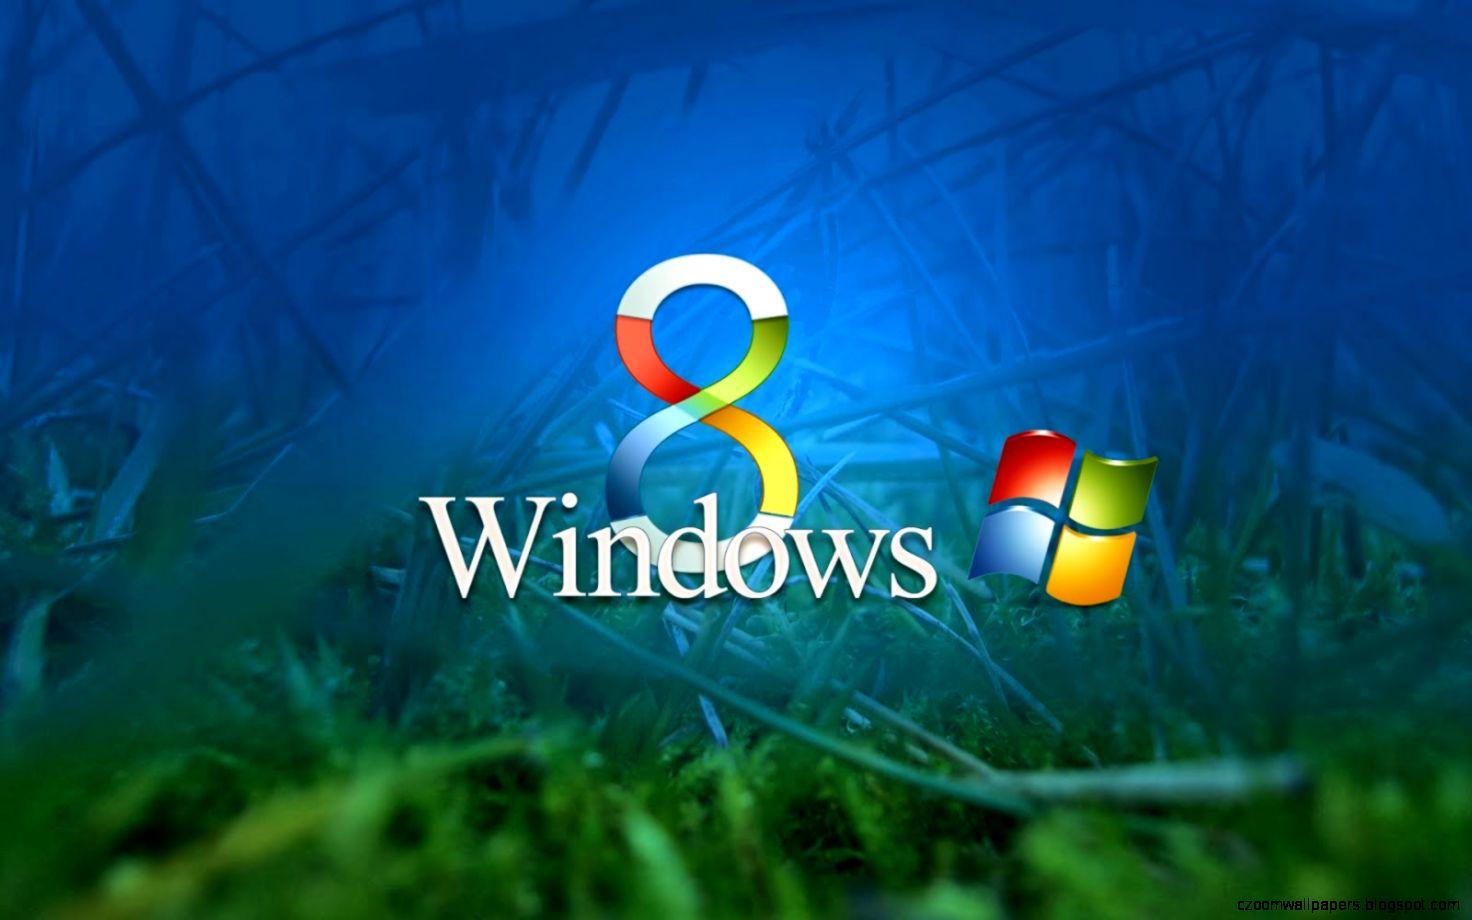 """Windows 7 SP1 pour les version 64Bits : windows6.1-KB976932-X64.exe [taille: 903.2Mo].8 messages à ce jour pour """"Télécharger Windows 7 Service Pack 1 Final KB976932 – Image ISO officiel""""."""